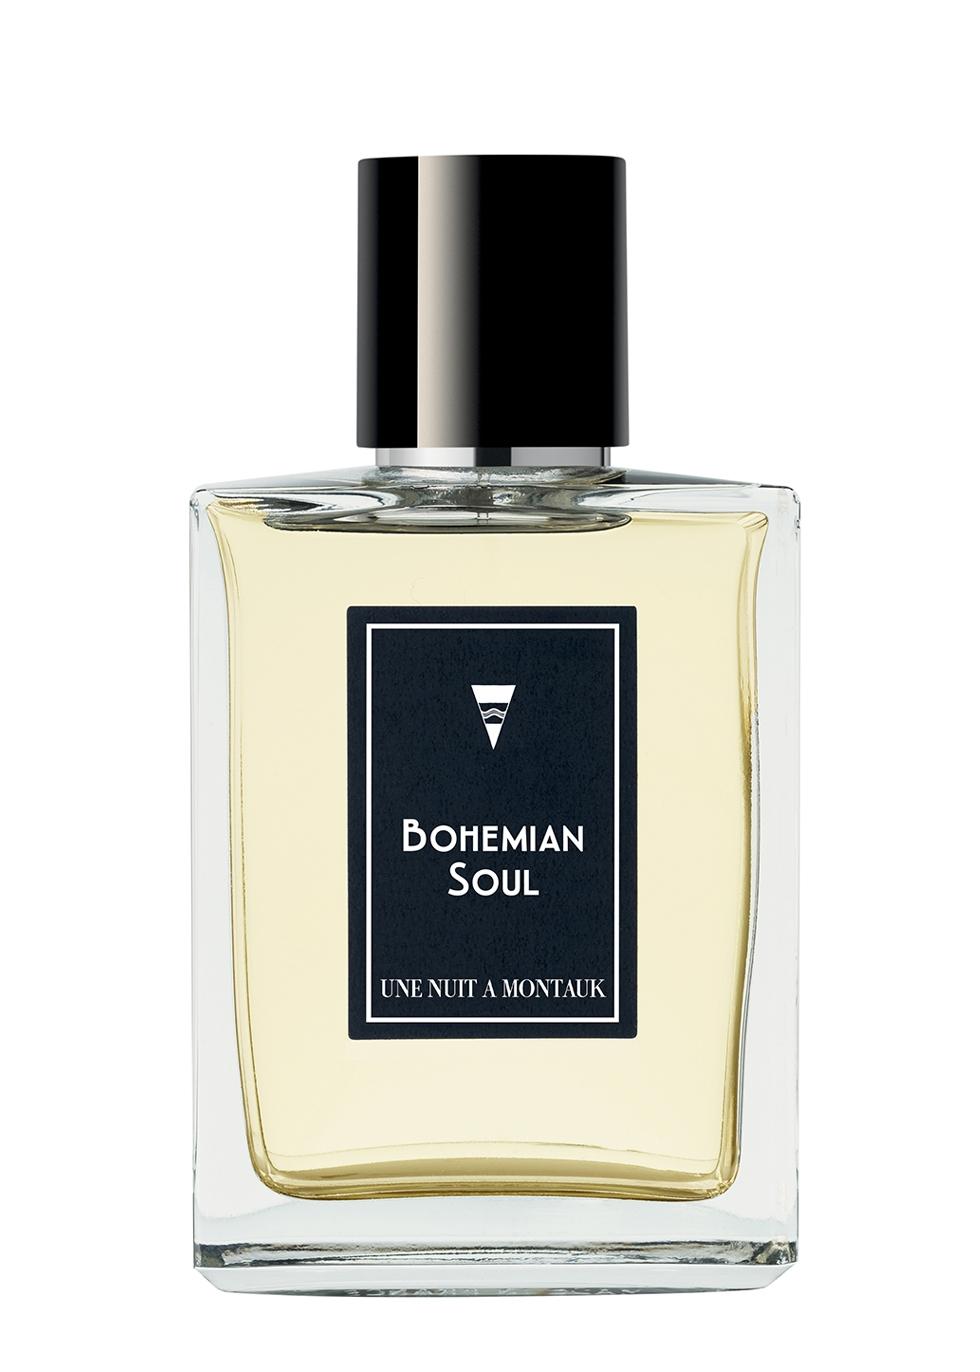 Bohemian Soul - Eau de Parfum - 100ml